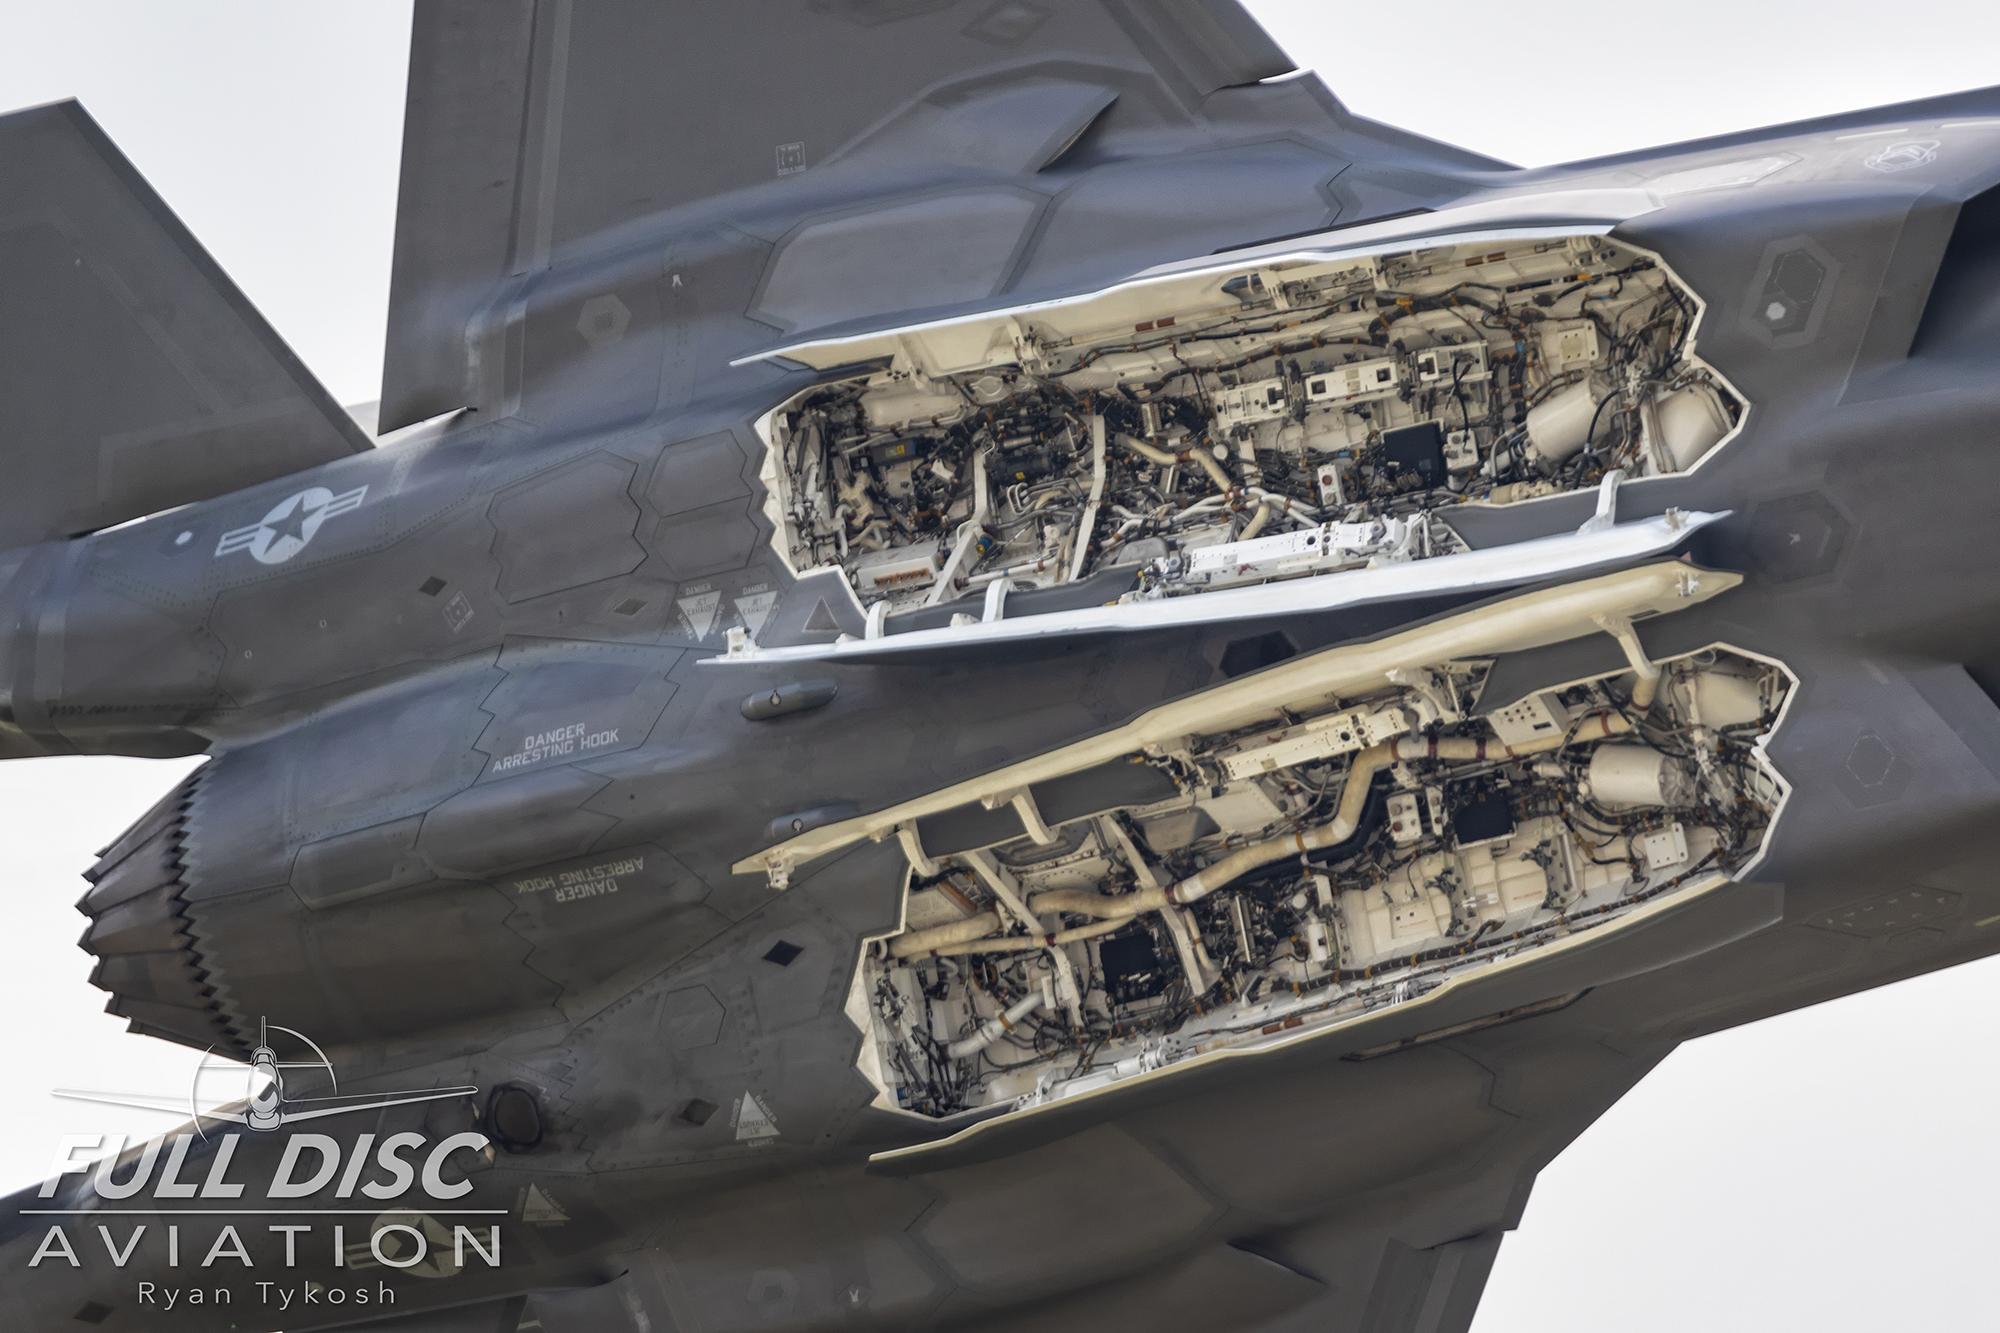 wow19-fdartykosh-f35demo-bombaycloseup.jpg